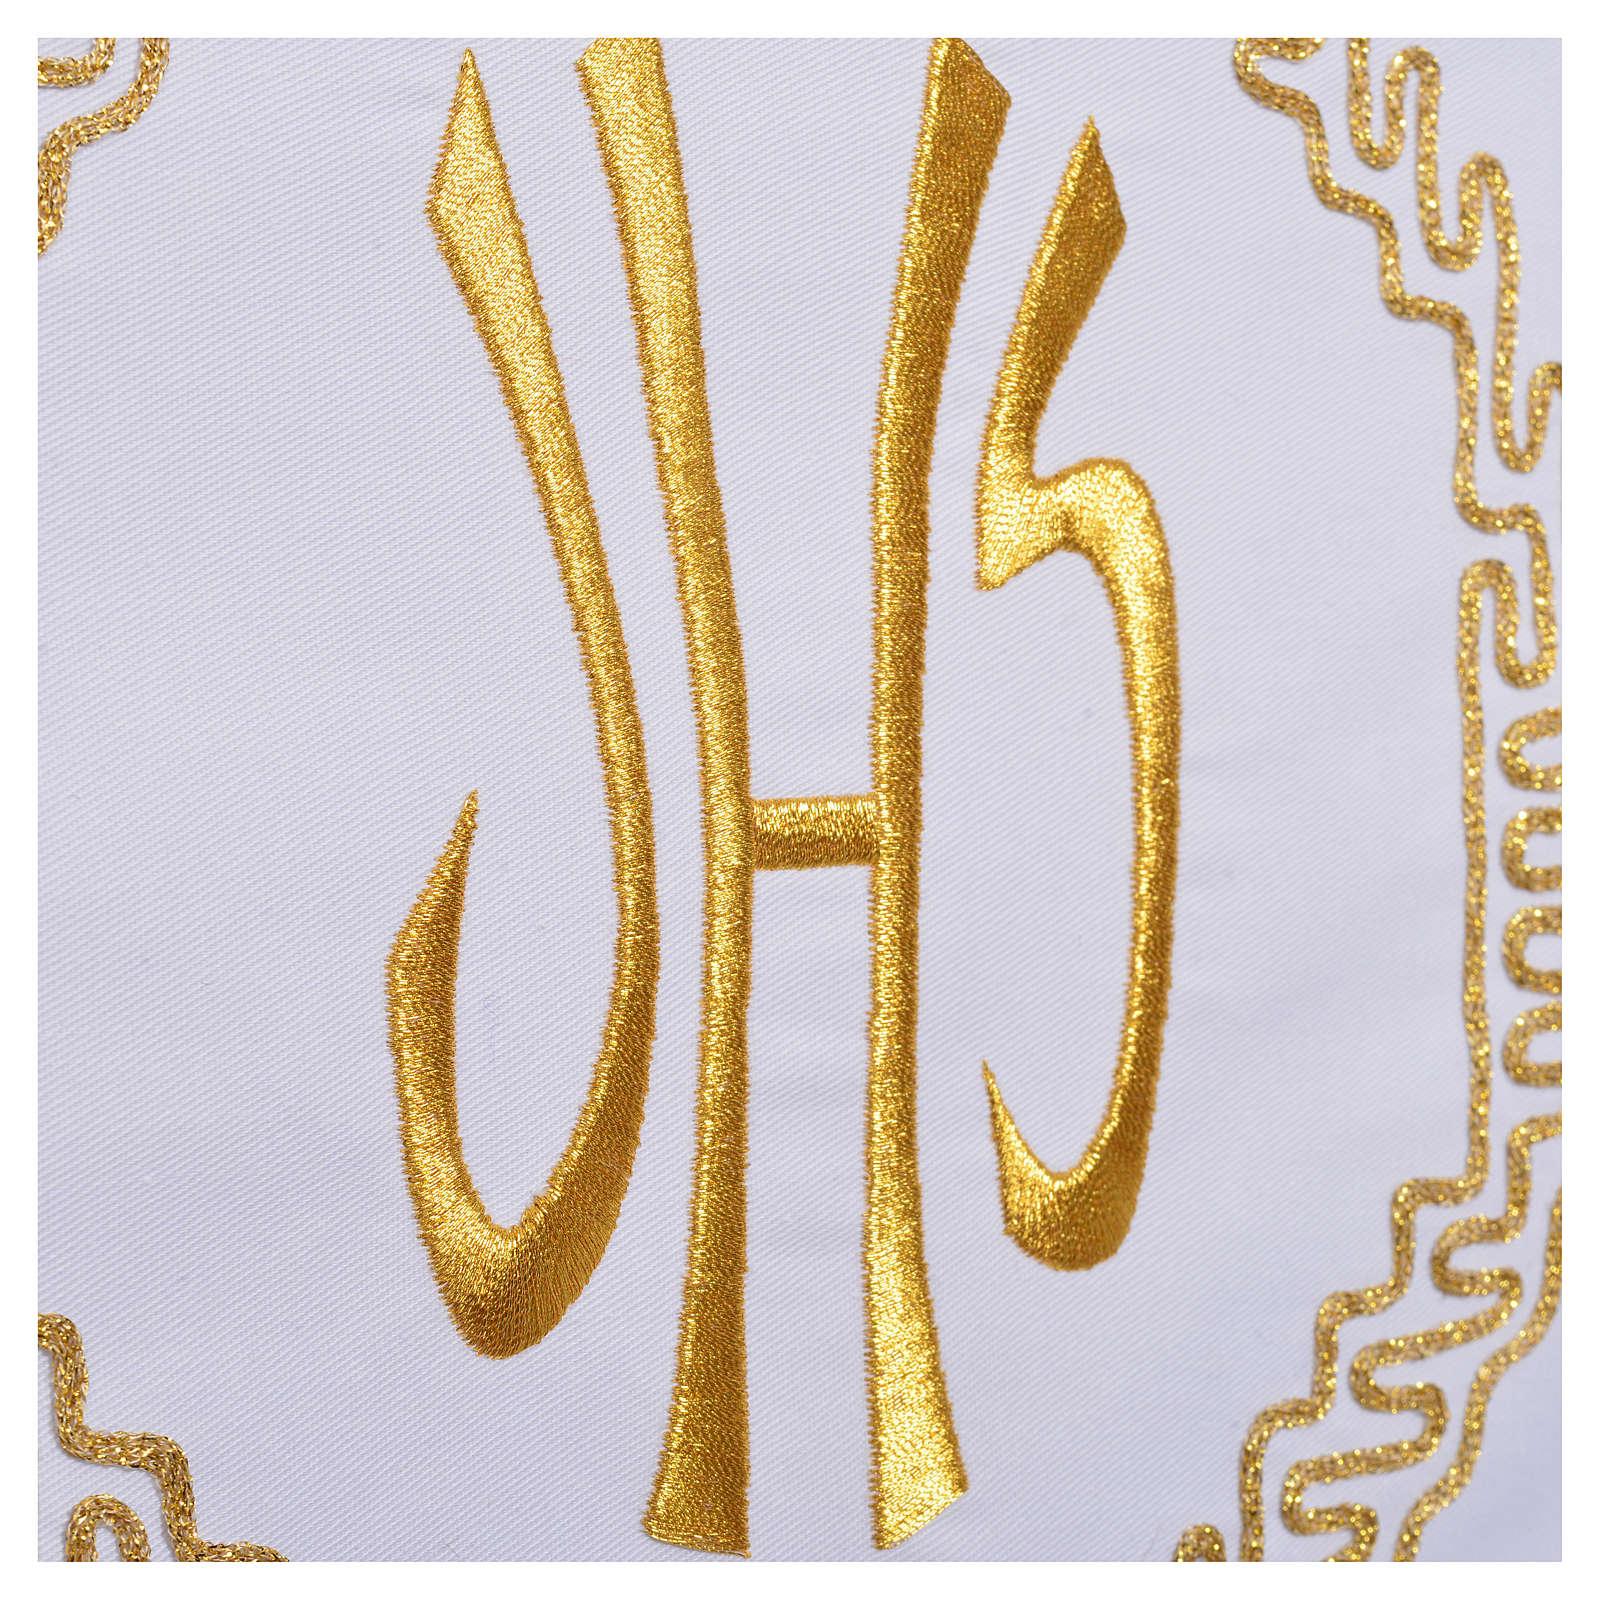 Tovaglia da mensa decoro dorato spighe e IHS 4